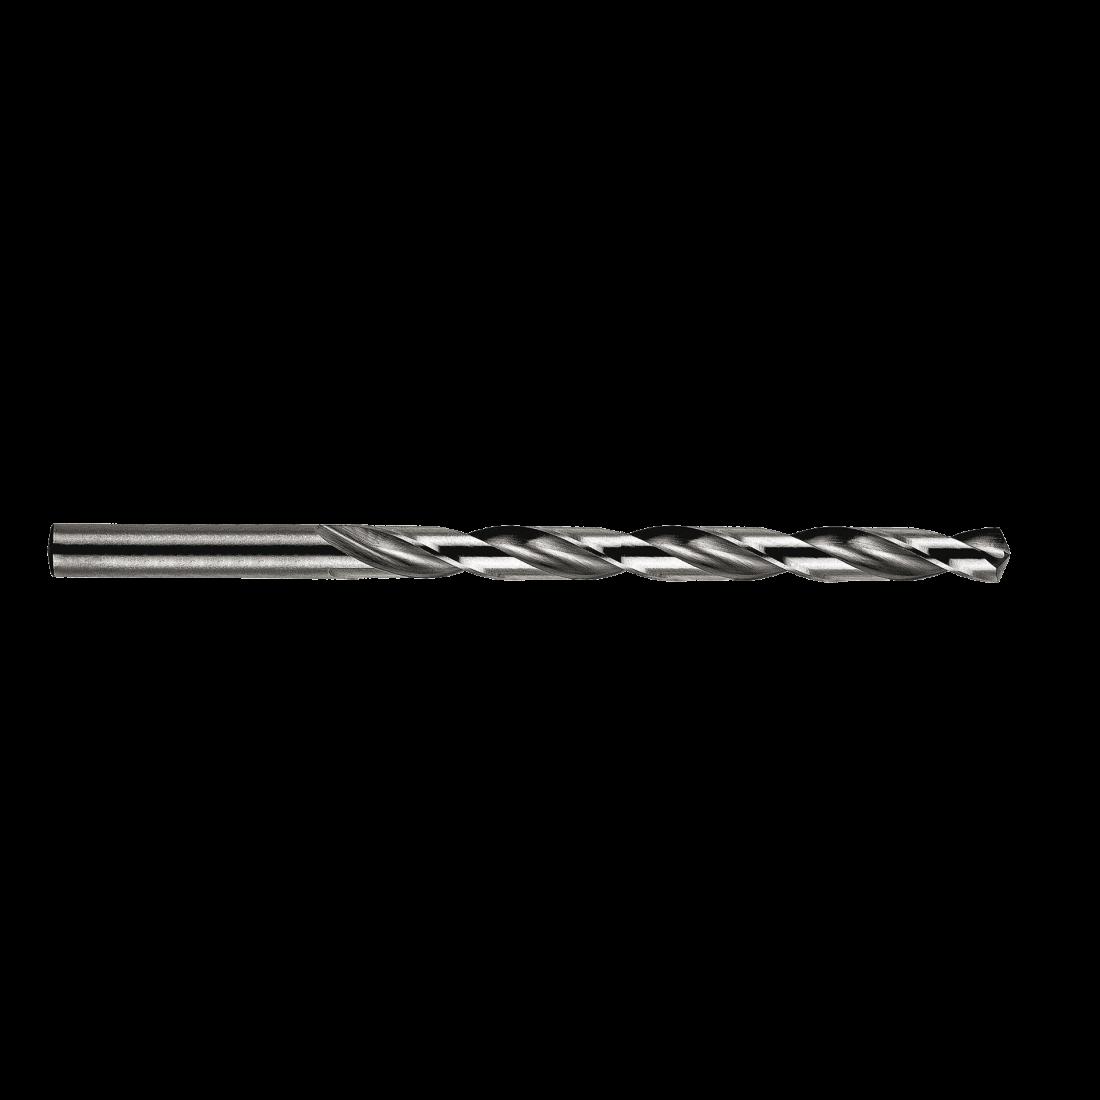 Сверлo по металлу Heller НSS-G Super DIN 340 сверхдлиннoе 3х66х100мм